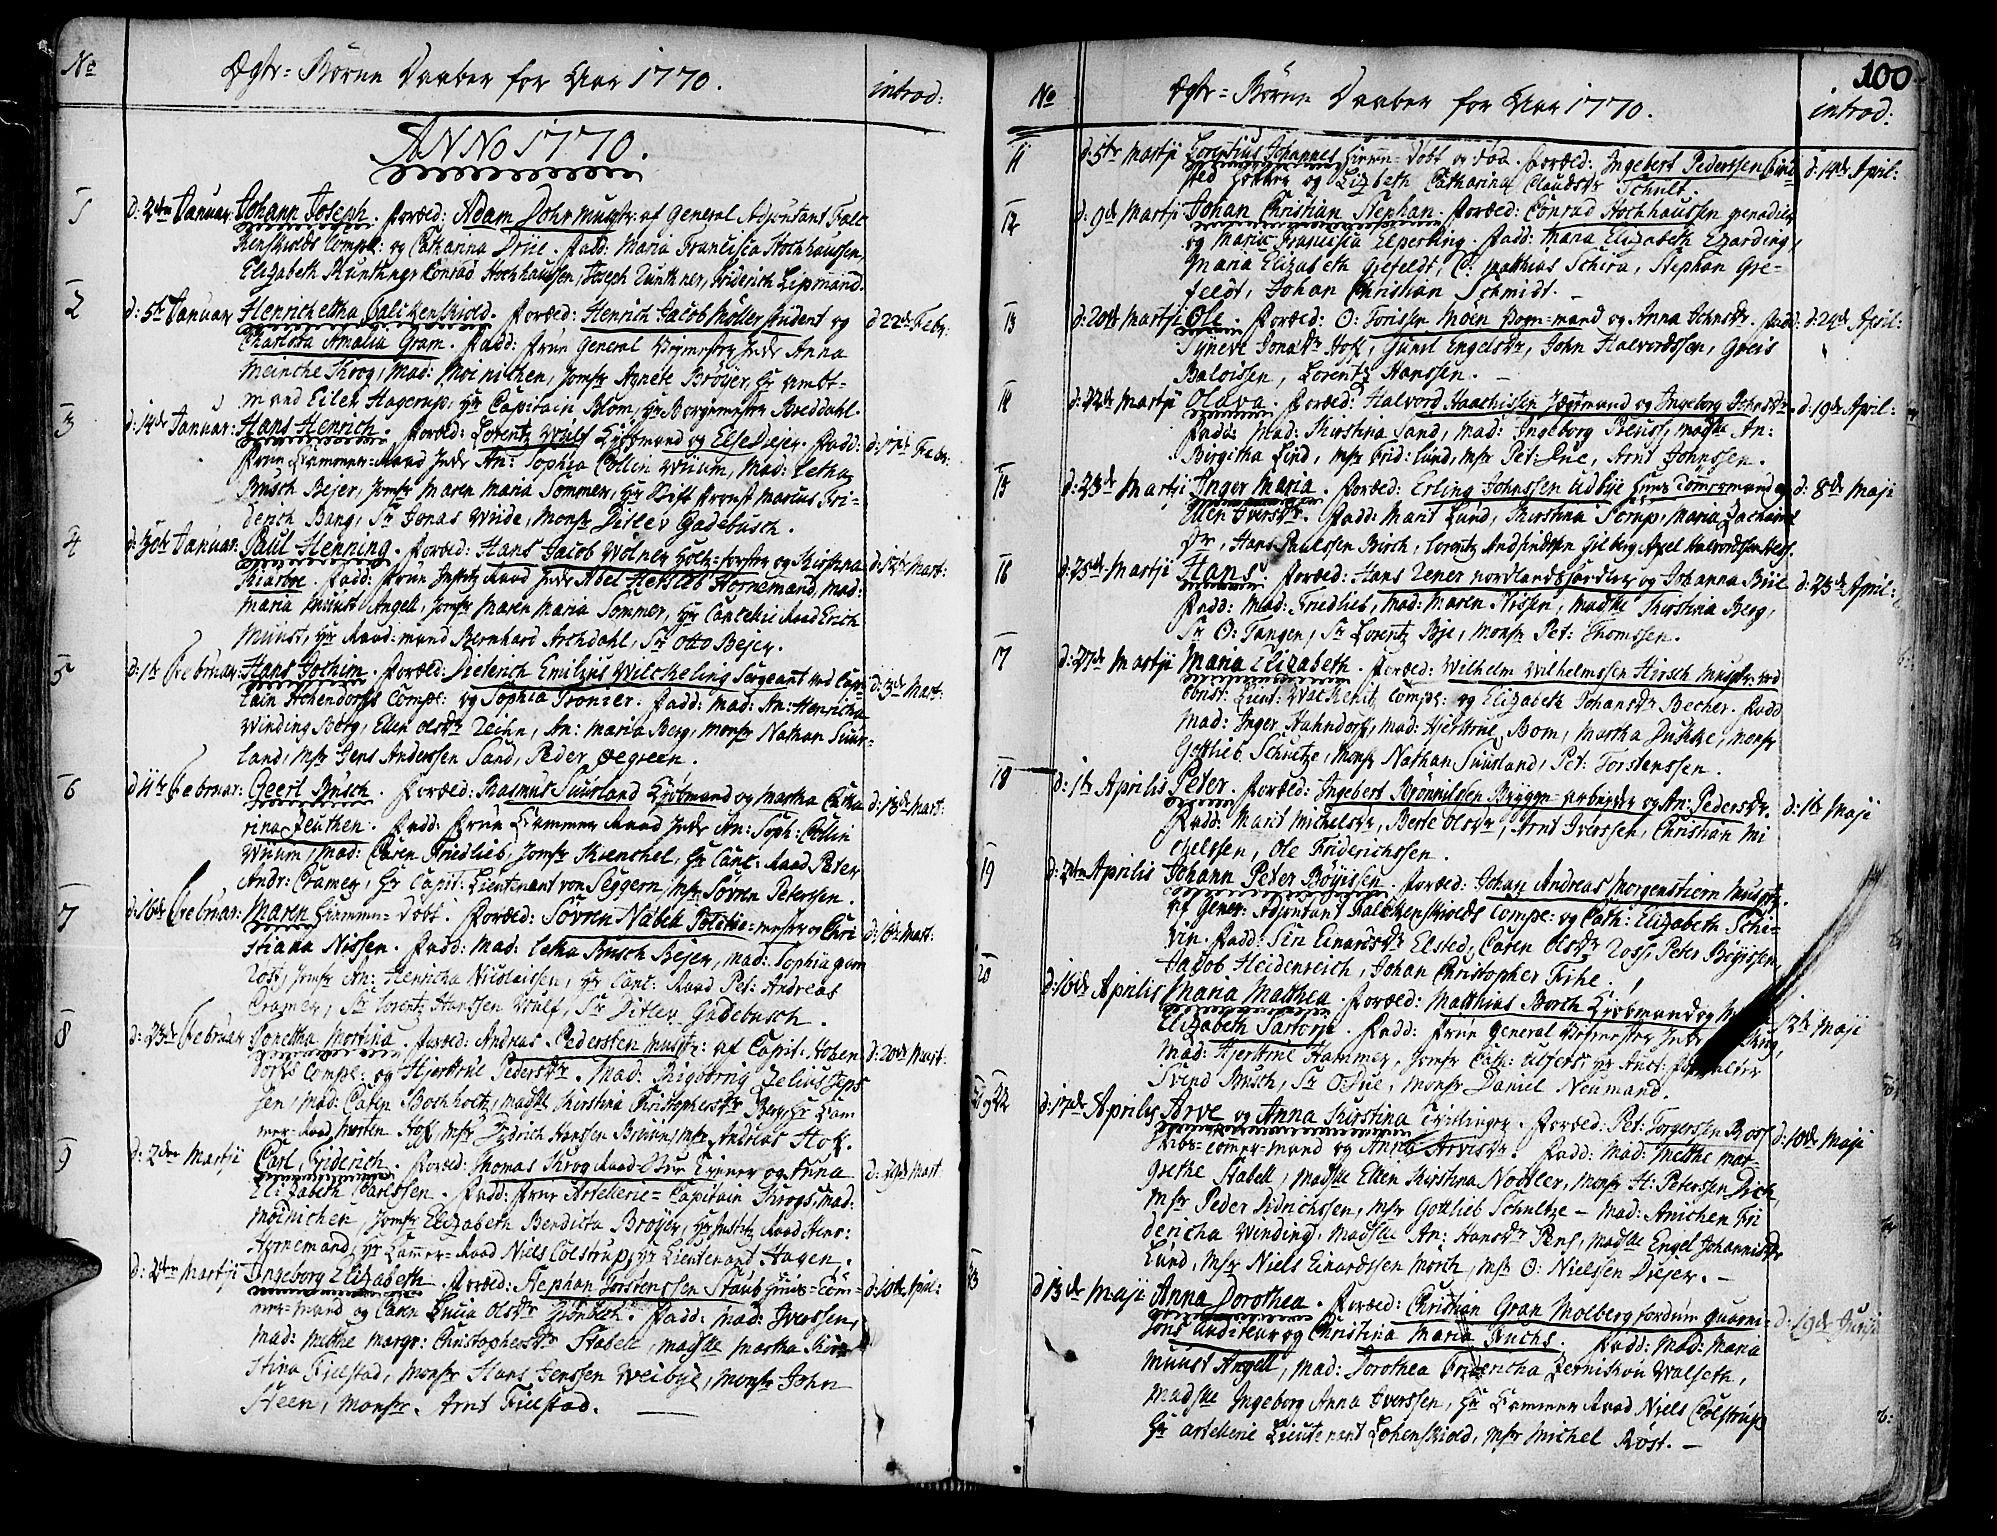 SAT, Ministerialprotokoller, klokkerbøker og fødselsregistre - Sør-Trøndelag, 602/L0103: Ministerialbok nr. 602A01, 1732-1774, s. 100